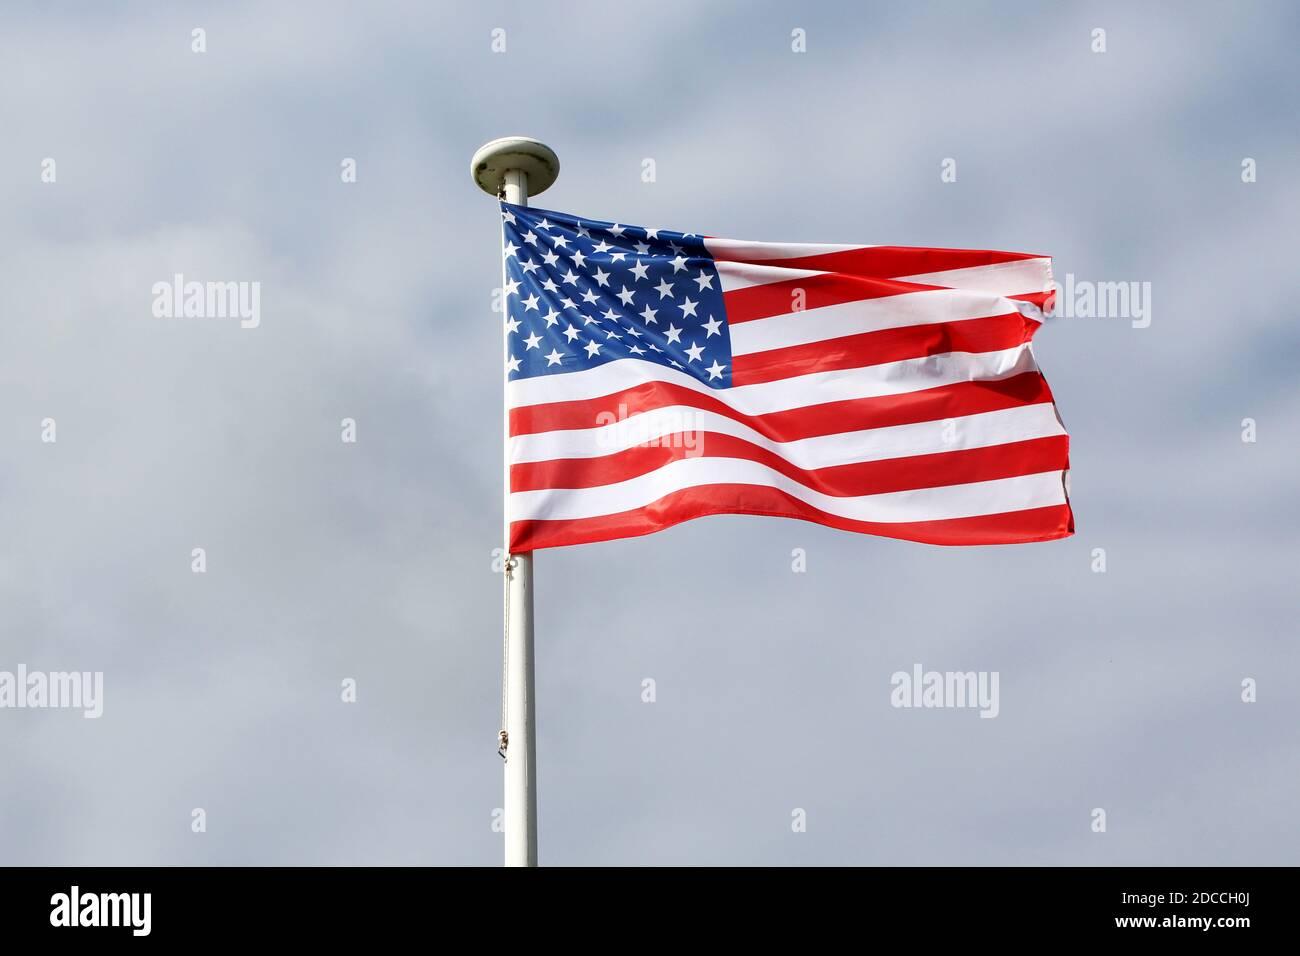 amerikanische Flagge weht im Wind Stock Photo